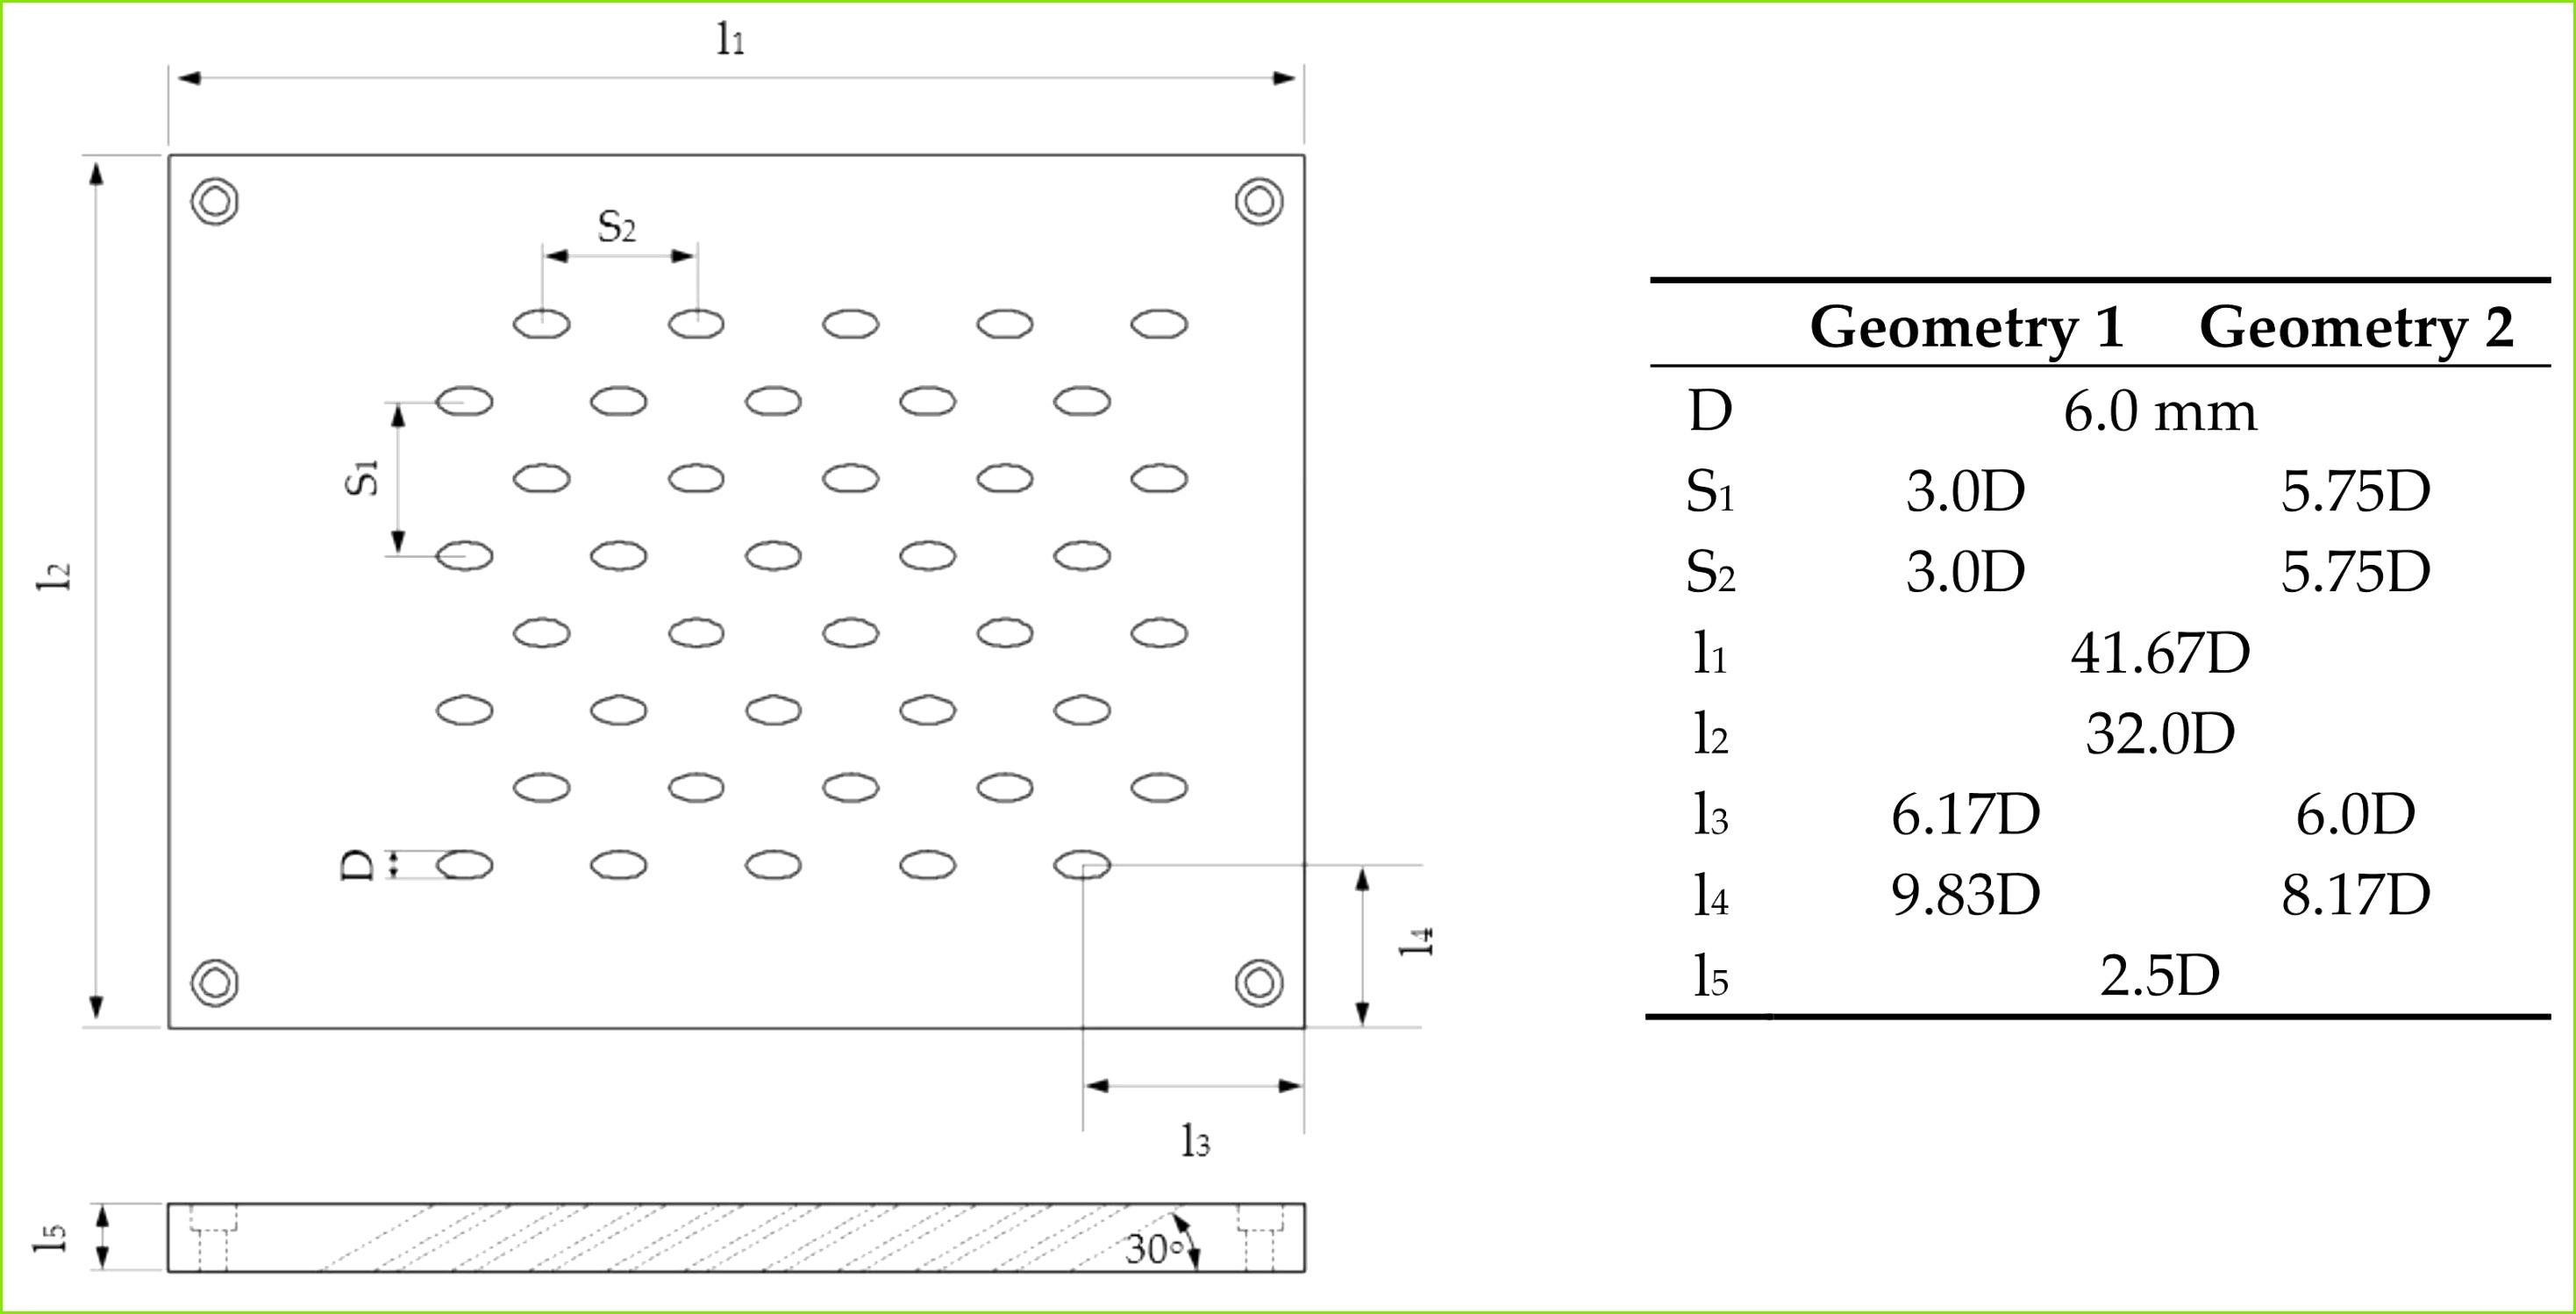 Excel Diagramm Beschriften Detaillierte Angebot Vorlage Excel Schön Genial Angebot Vorlage 37 Neu Excel Diagramm